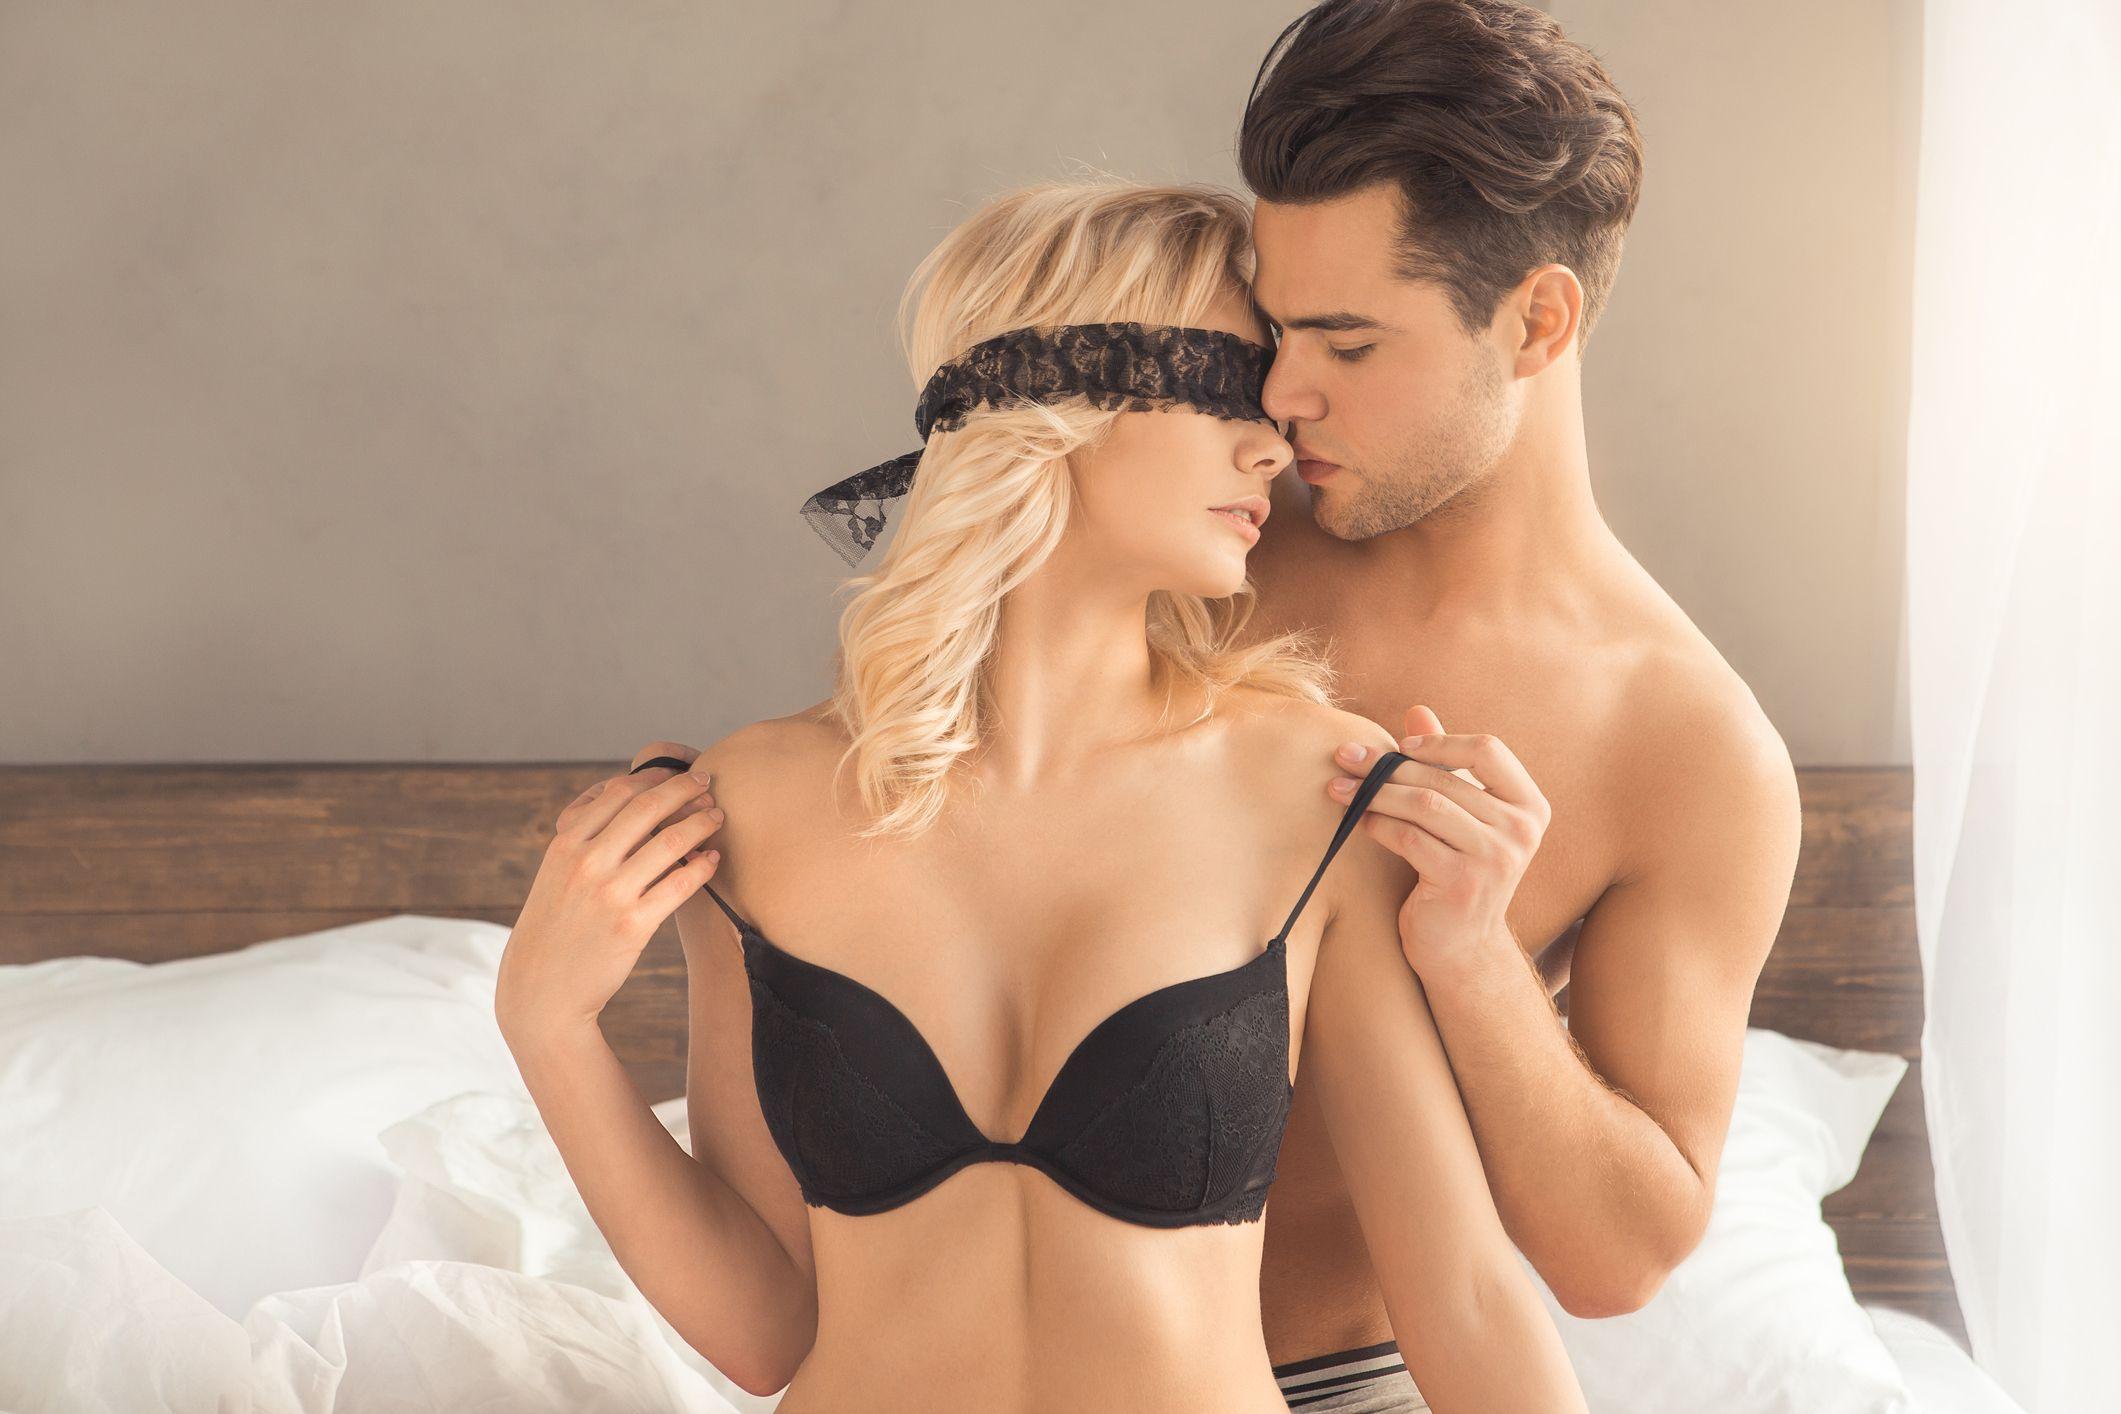 男人在床上怎樣表現才算合格?原來尺寸不是關鍵!